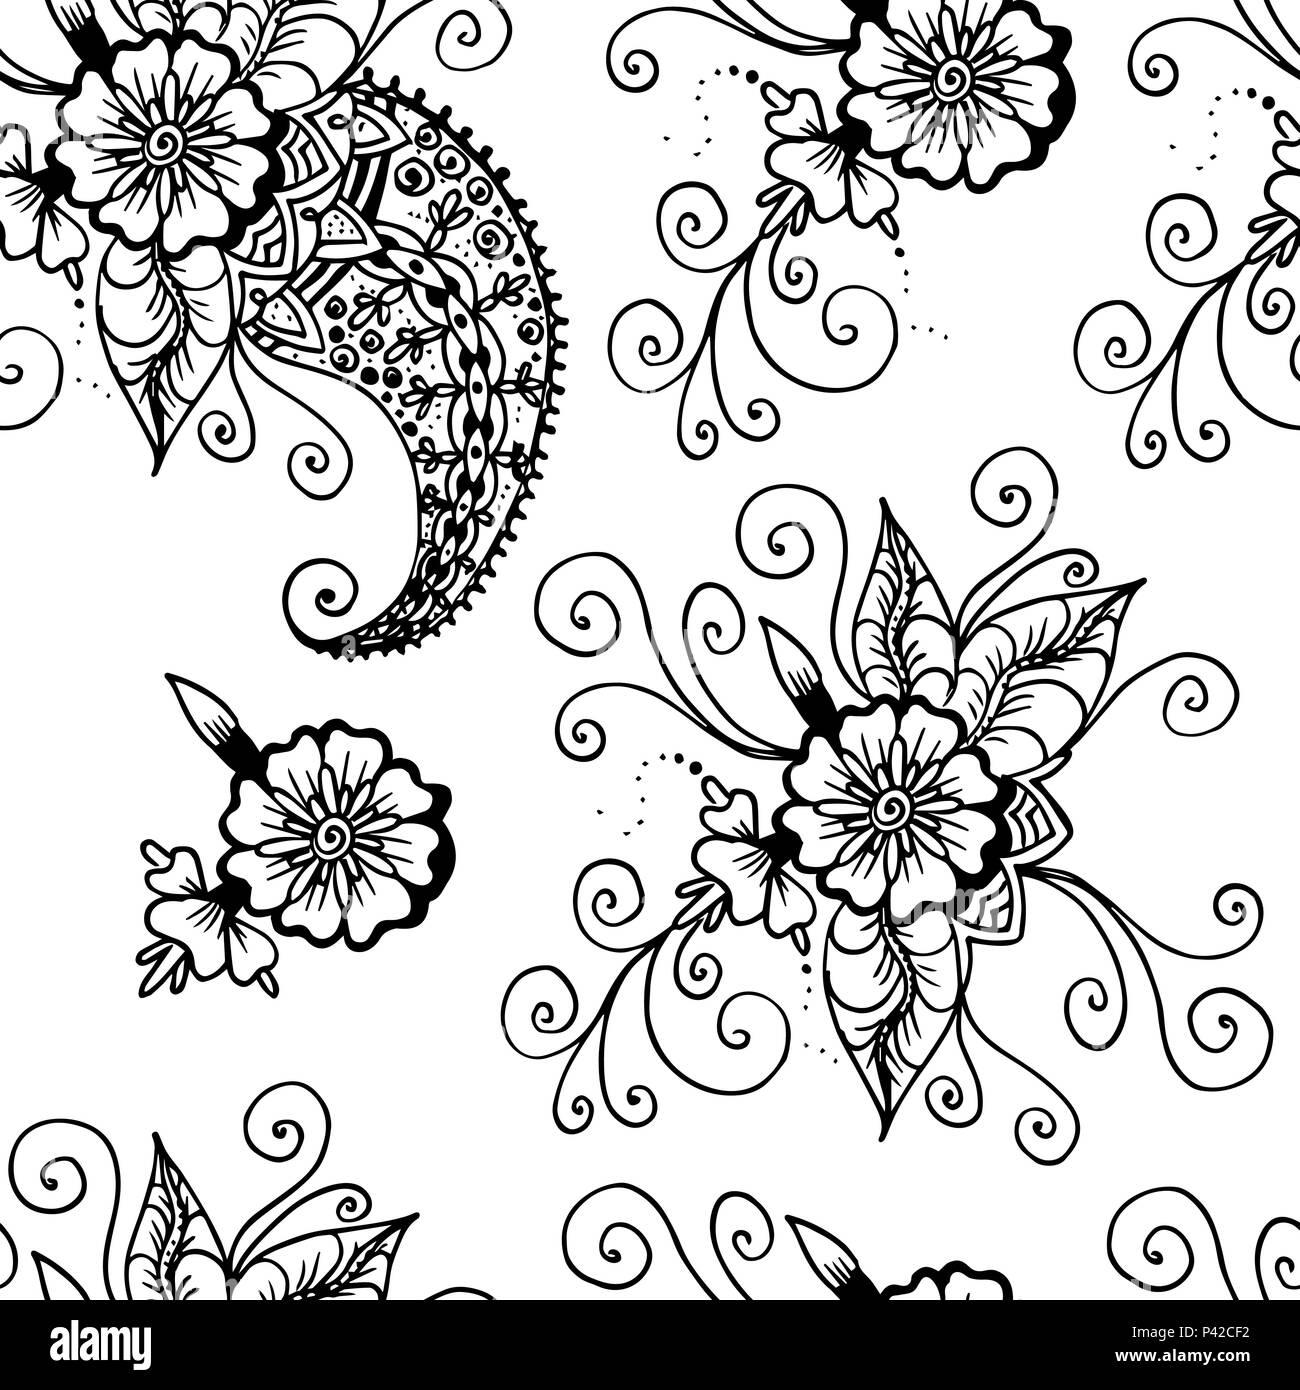 Flores Y Paisley Resumen De Dibujo Lineal Patron Sin Fisuras